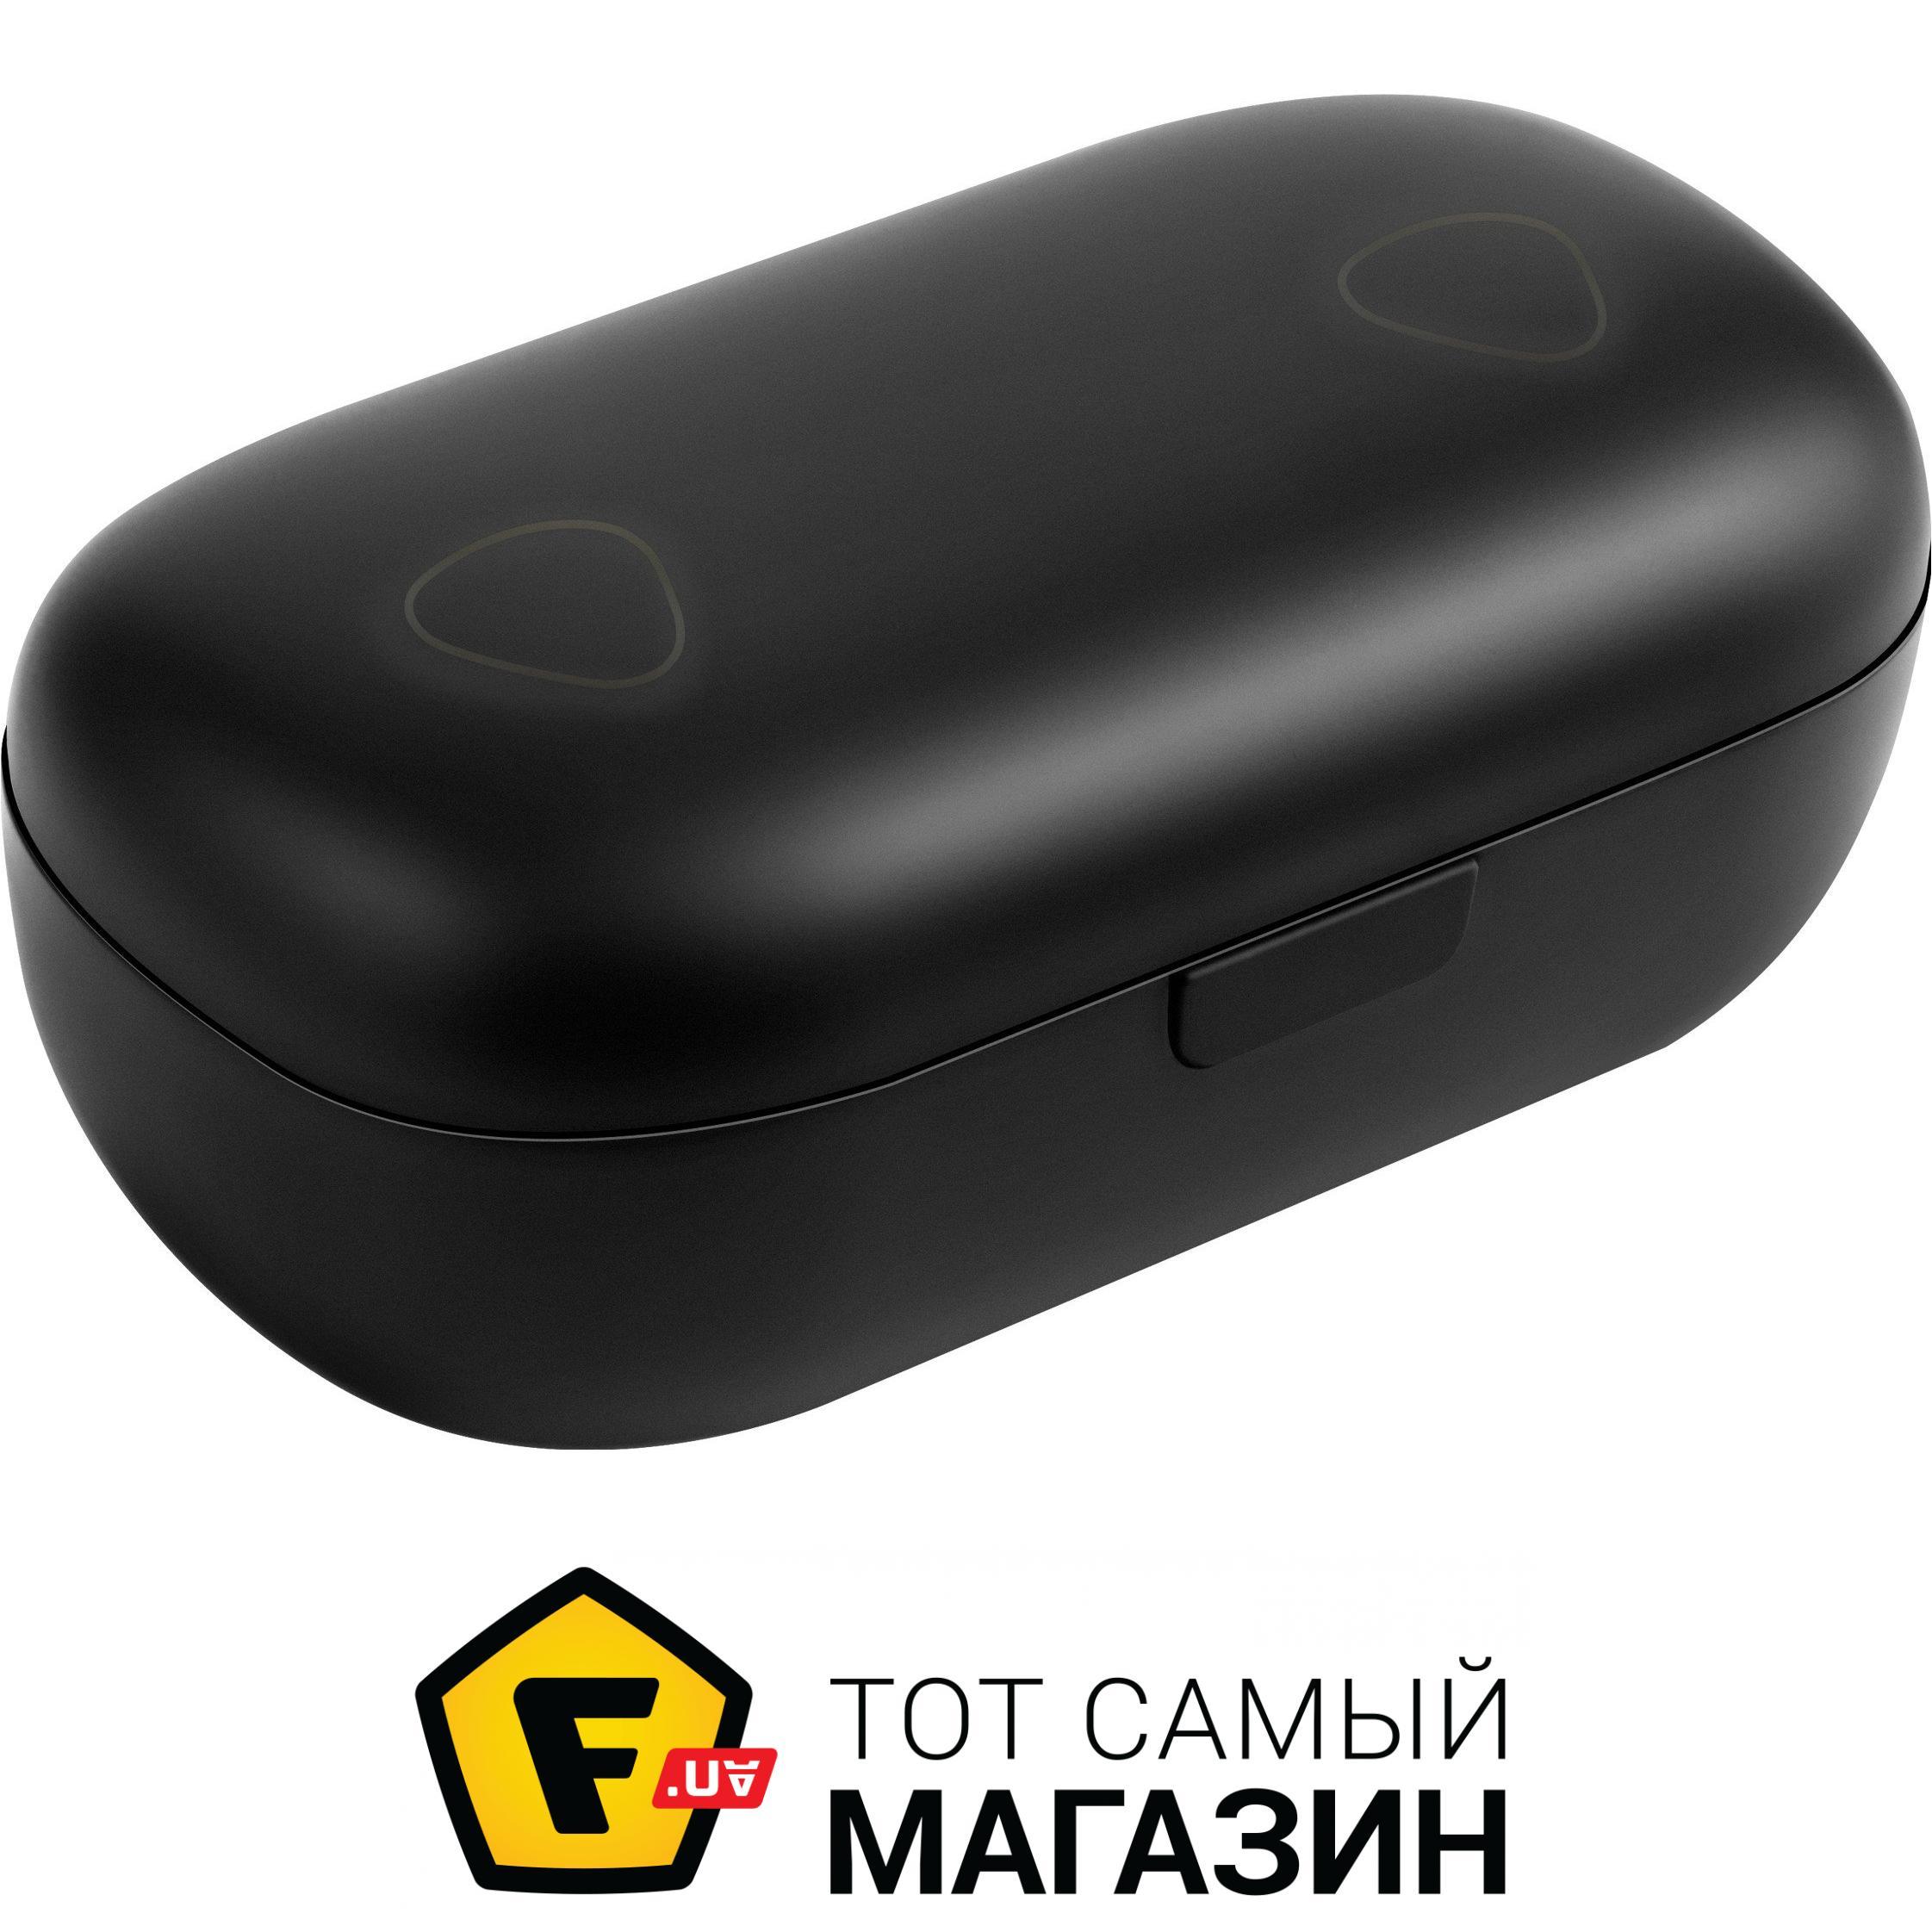 Acme BH406 Black (4770070879467) Интерфейс подключения  Bluetooth ddfac284f0